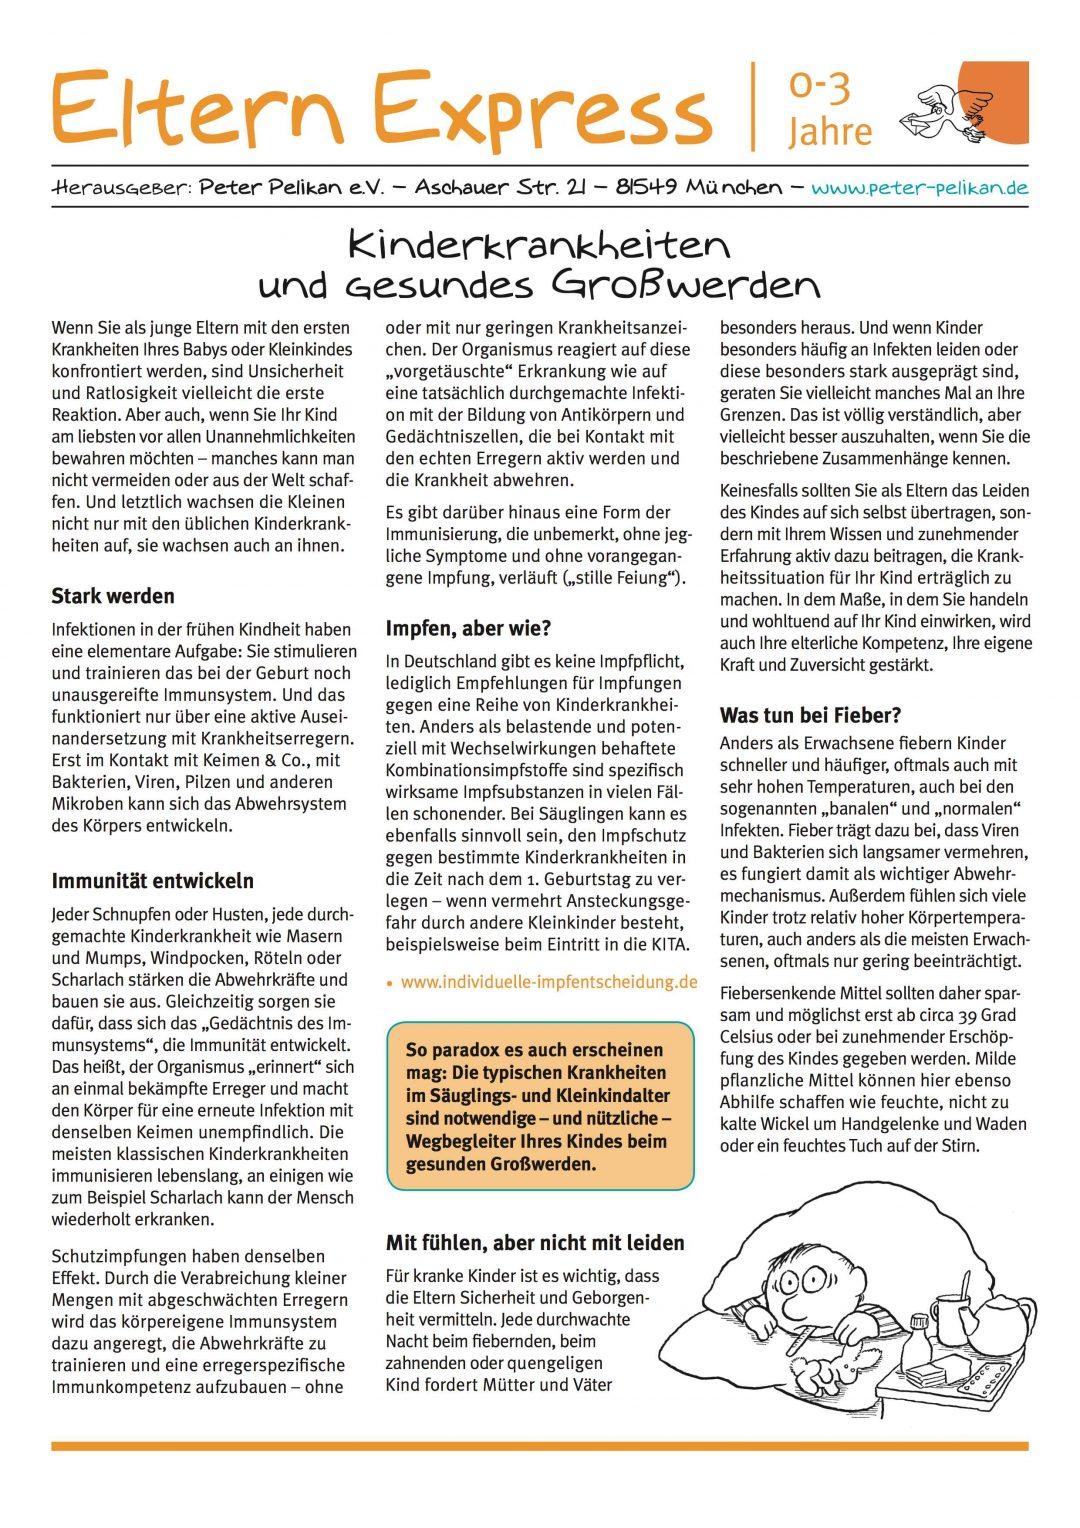 """Express-Brief No. 6 """"Kinderkrankheiten und gesundes Großwerden?"""""""